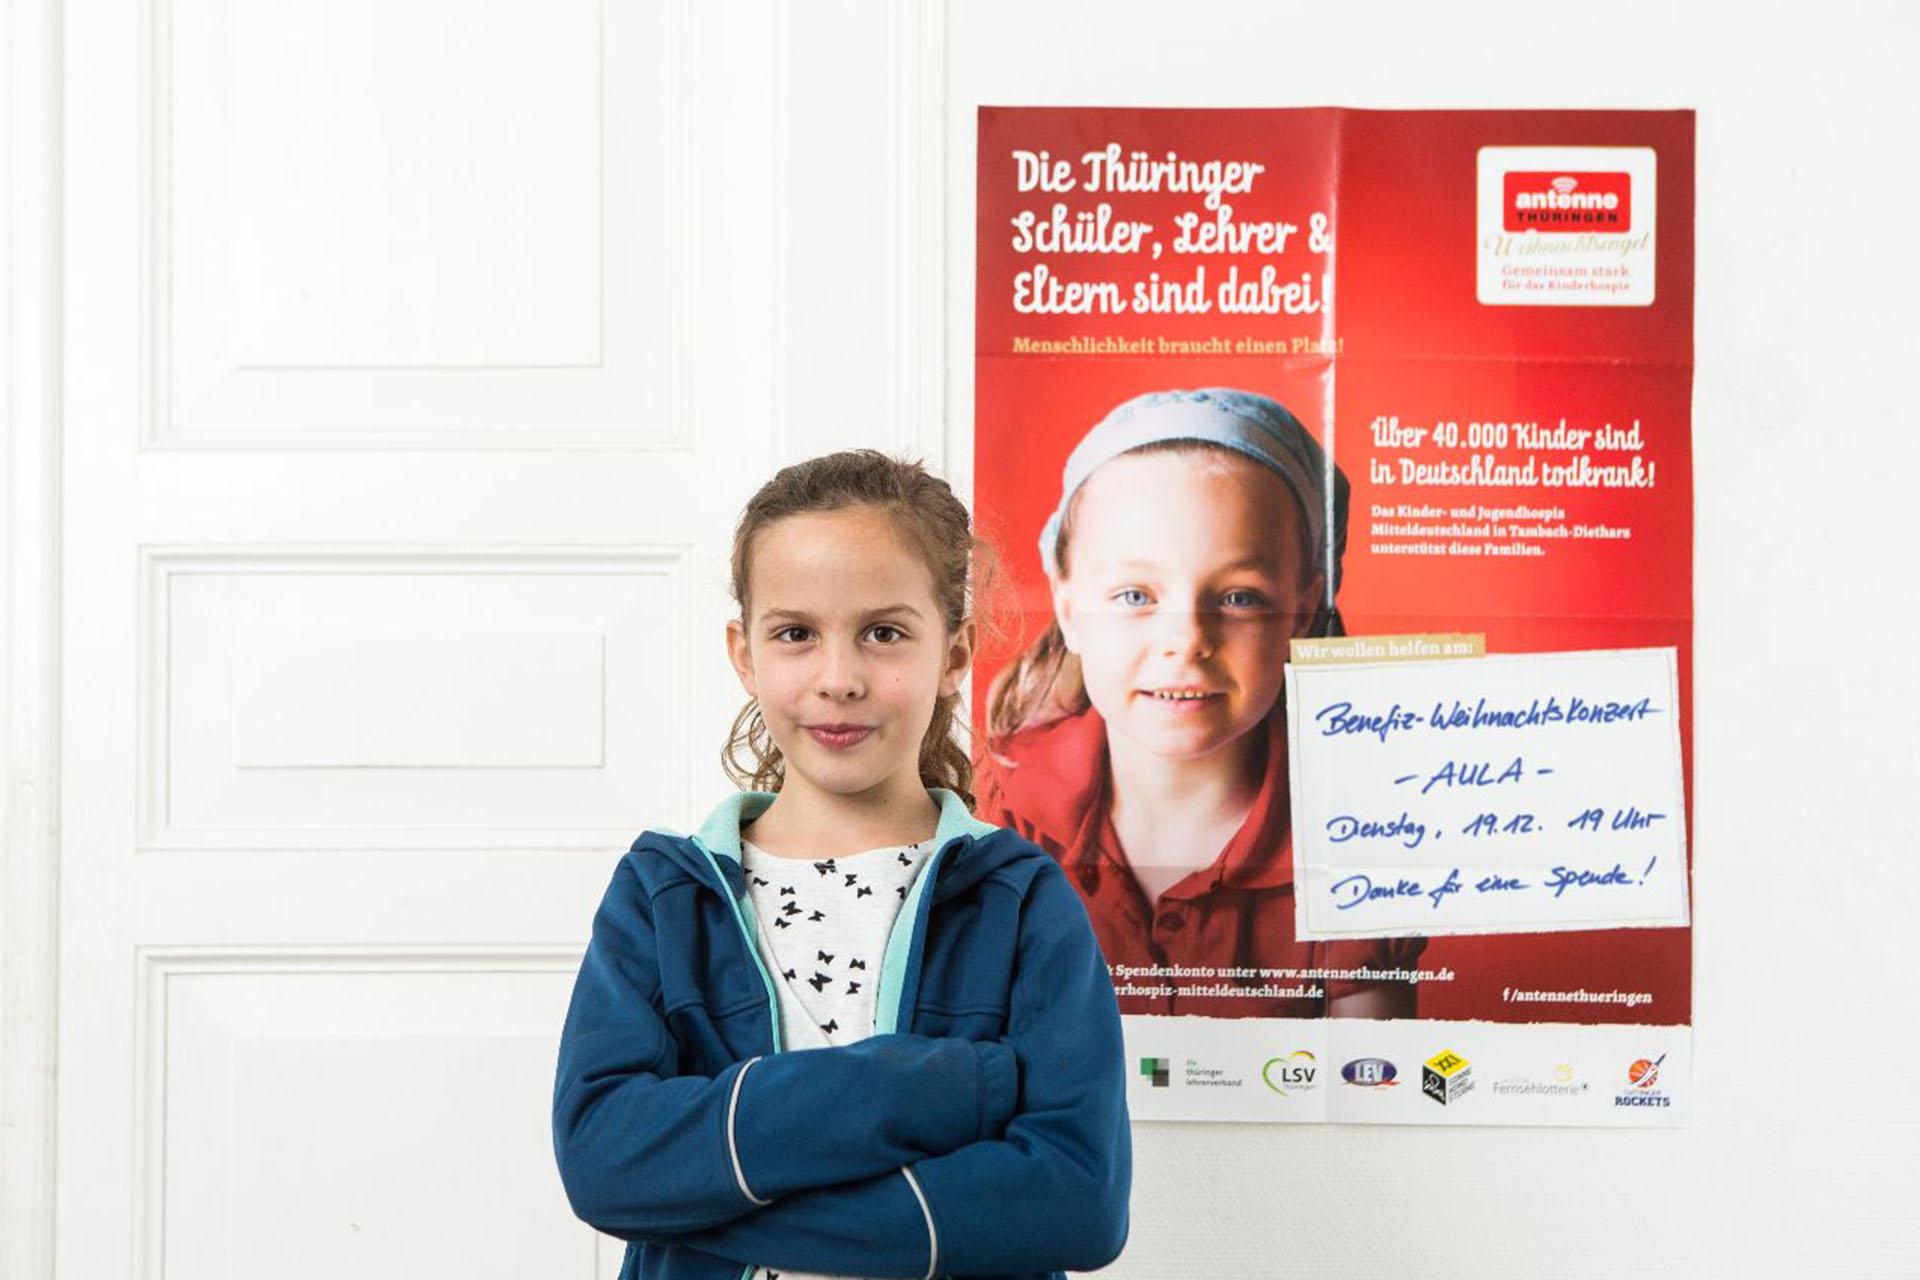 Kinderhospiz Mitteldeutschland: Benefizaktionen in der Vorweihnachtszeit